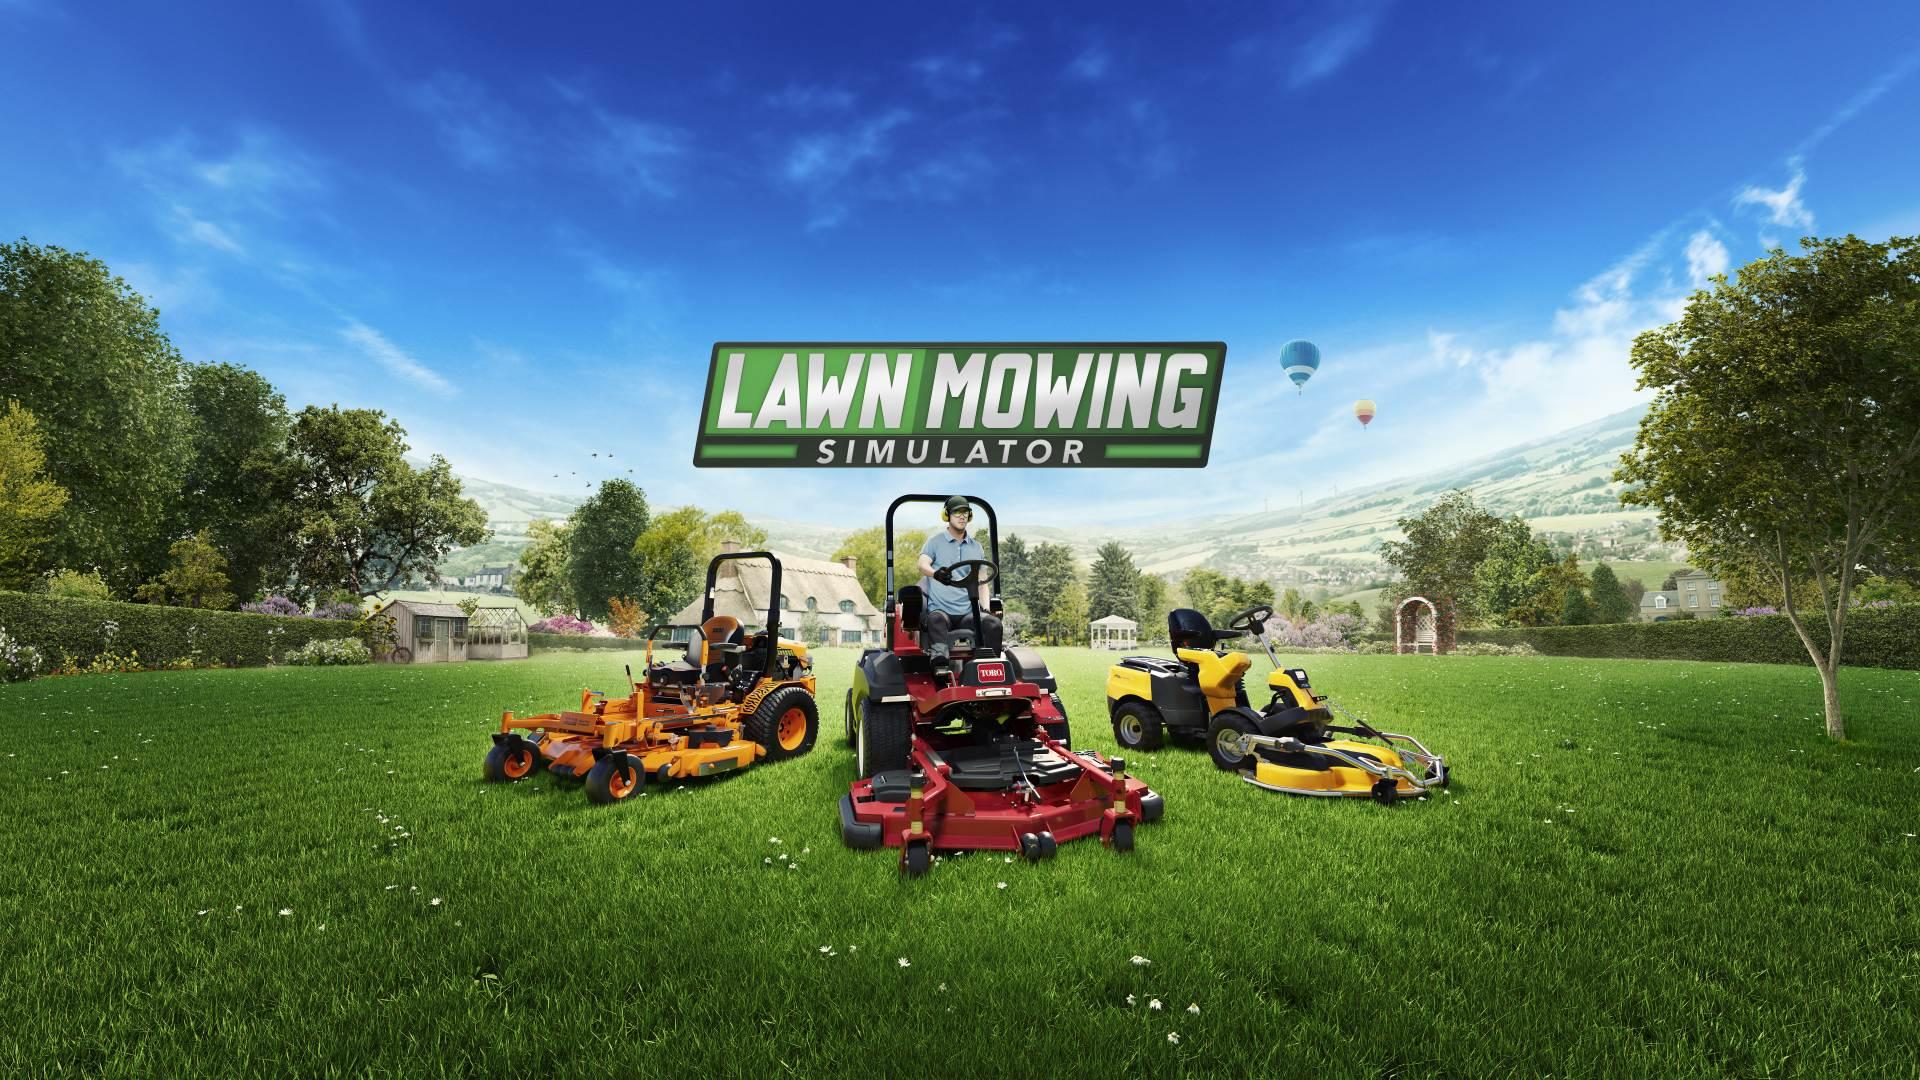 Lawn Mowing Simulator - key art | Curve Digital, Skyhook Games